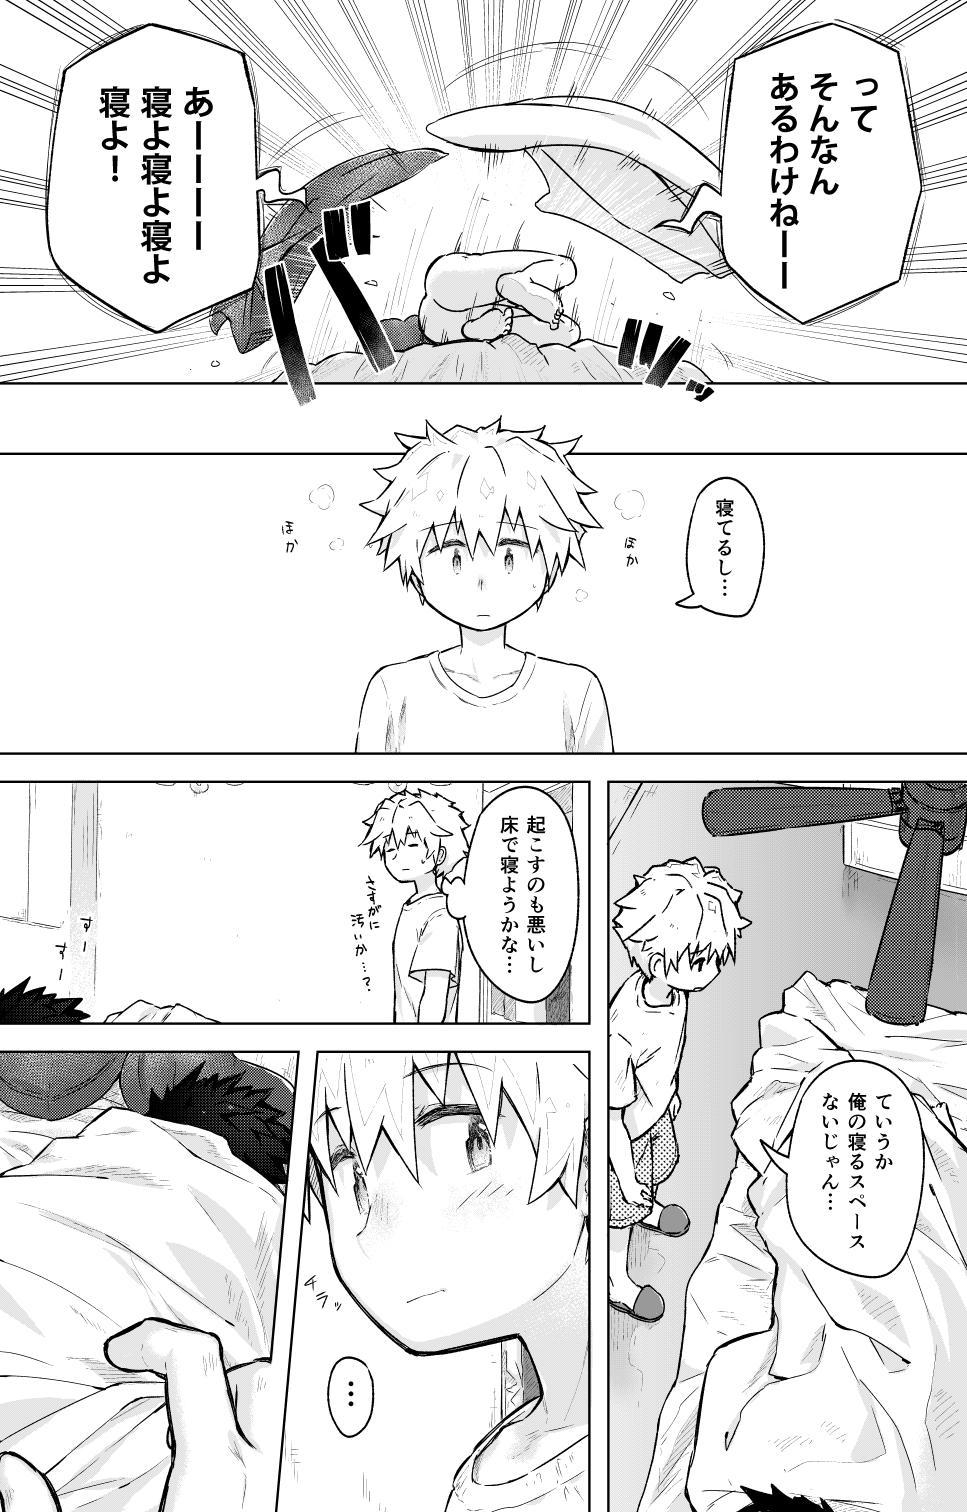 Tomodachi doushi de rabuho ni tomarukoto ni natta 6